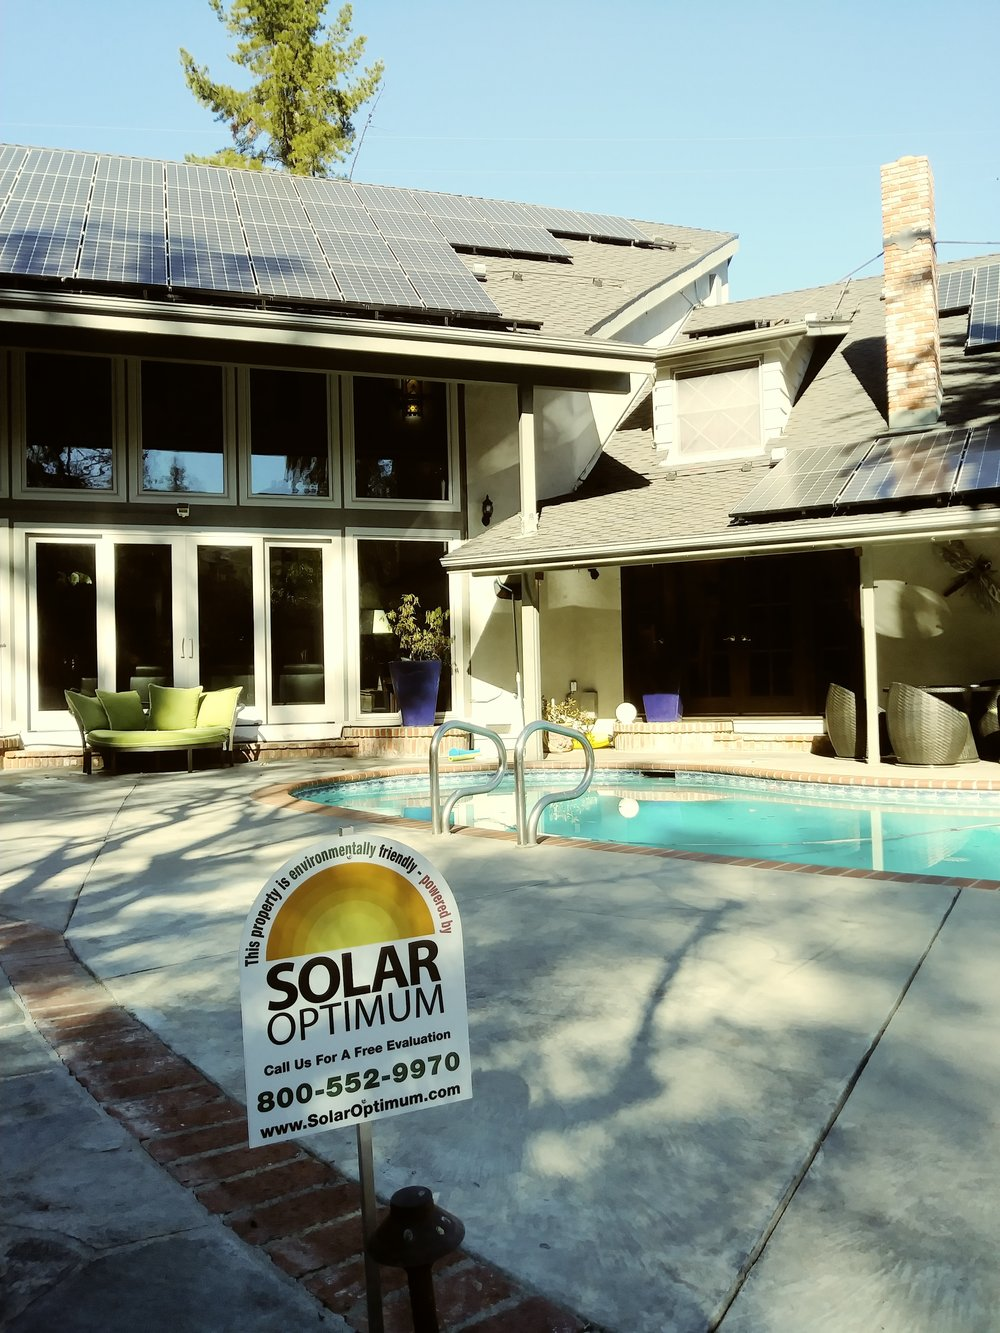 Solar Optimum_Residential_26.jpg